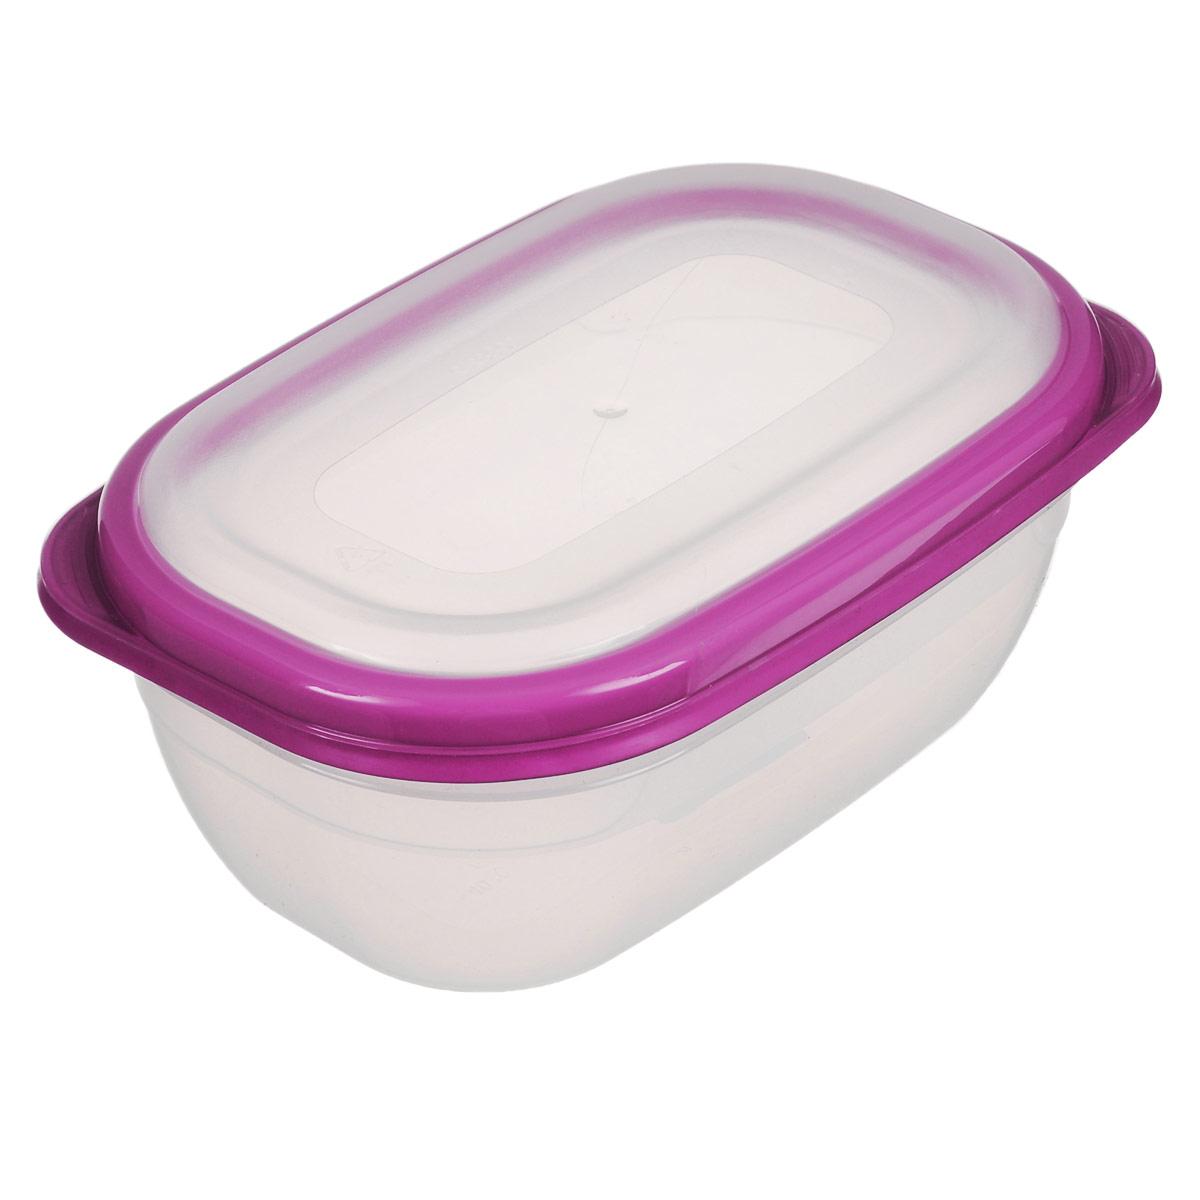 Контейнер для СВЧ Полимербыт Премиум, цвет: прозрачный, розовый, 0,5 лС560Прямоугольный контейнер для СВЧ Полимербыт Премиум изготовлен из высококачественного прочного пластика, устойчивого к высоким температурам (до +110°С). Крышка плотно и герметично закрывается, дольше сохраняя продукты свежими и вкусными. Контейнер идеально подходит для хранения пищи, его удобно брать с собой на работу, учебу, пикник или просто использовать для хранения пищи в холодильнике. Подходит для разогрева пищи в микроволновой печи и для заморозки в морозильной камере (при минимальной температуре -40°С). Можно мыть в посудомоечной машине.